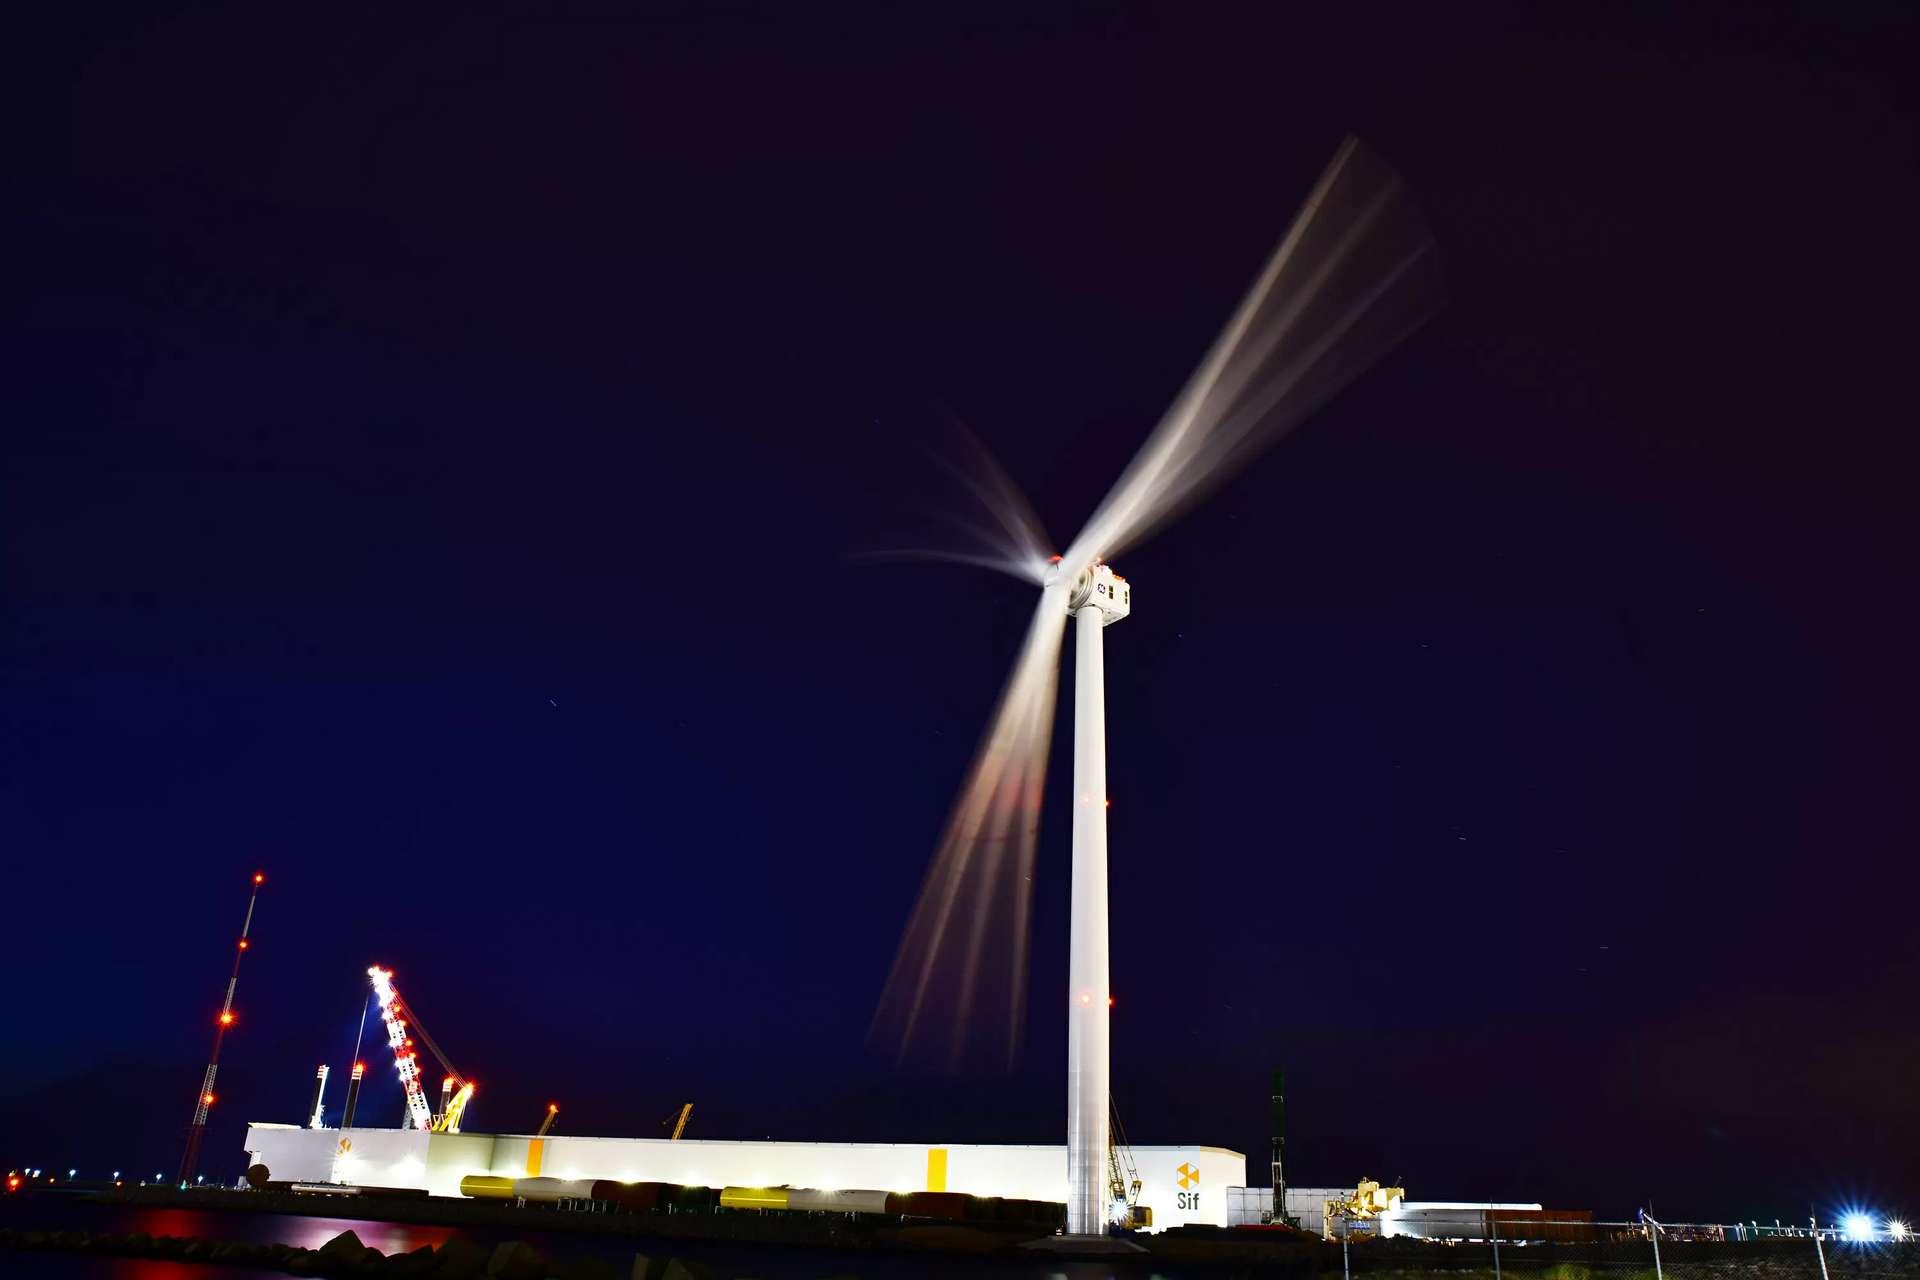 L'éolienne Haliade-X 13 MW de GE est la plus grande éolienne du monde : ses pales mesurent pas moins de 107 mètres. © GE